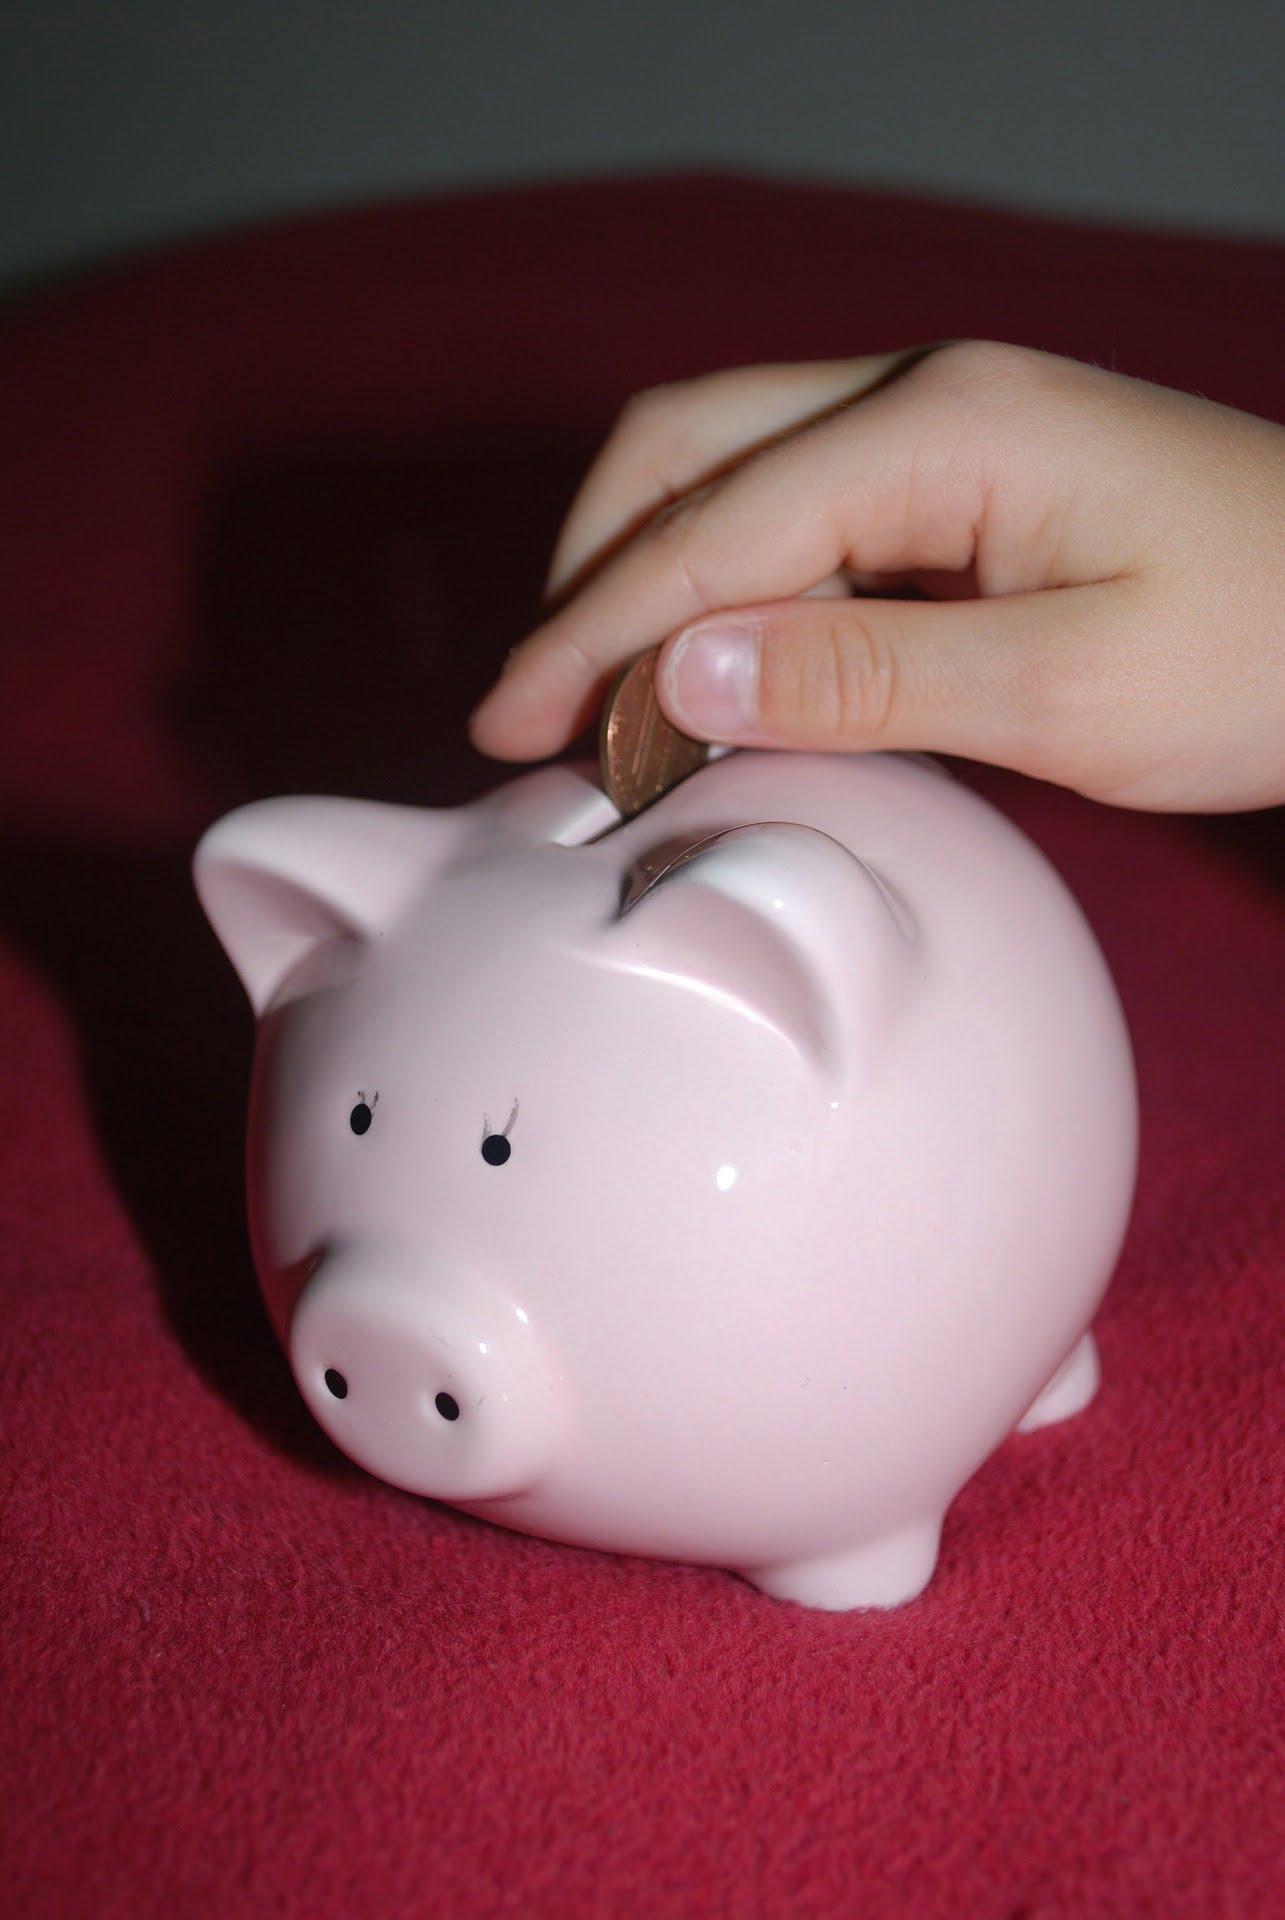 pénzt dobnak egy malacperselybe